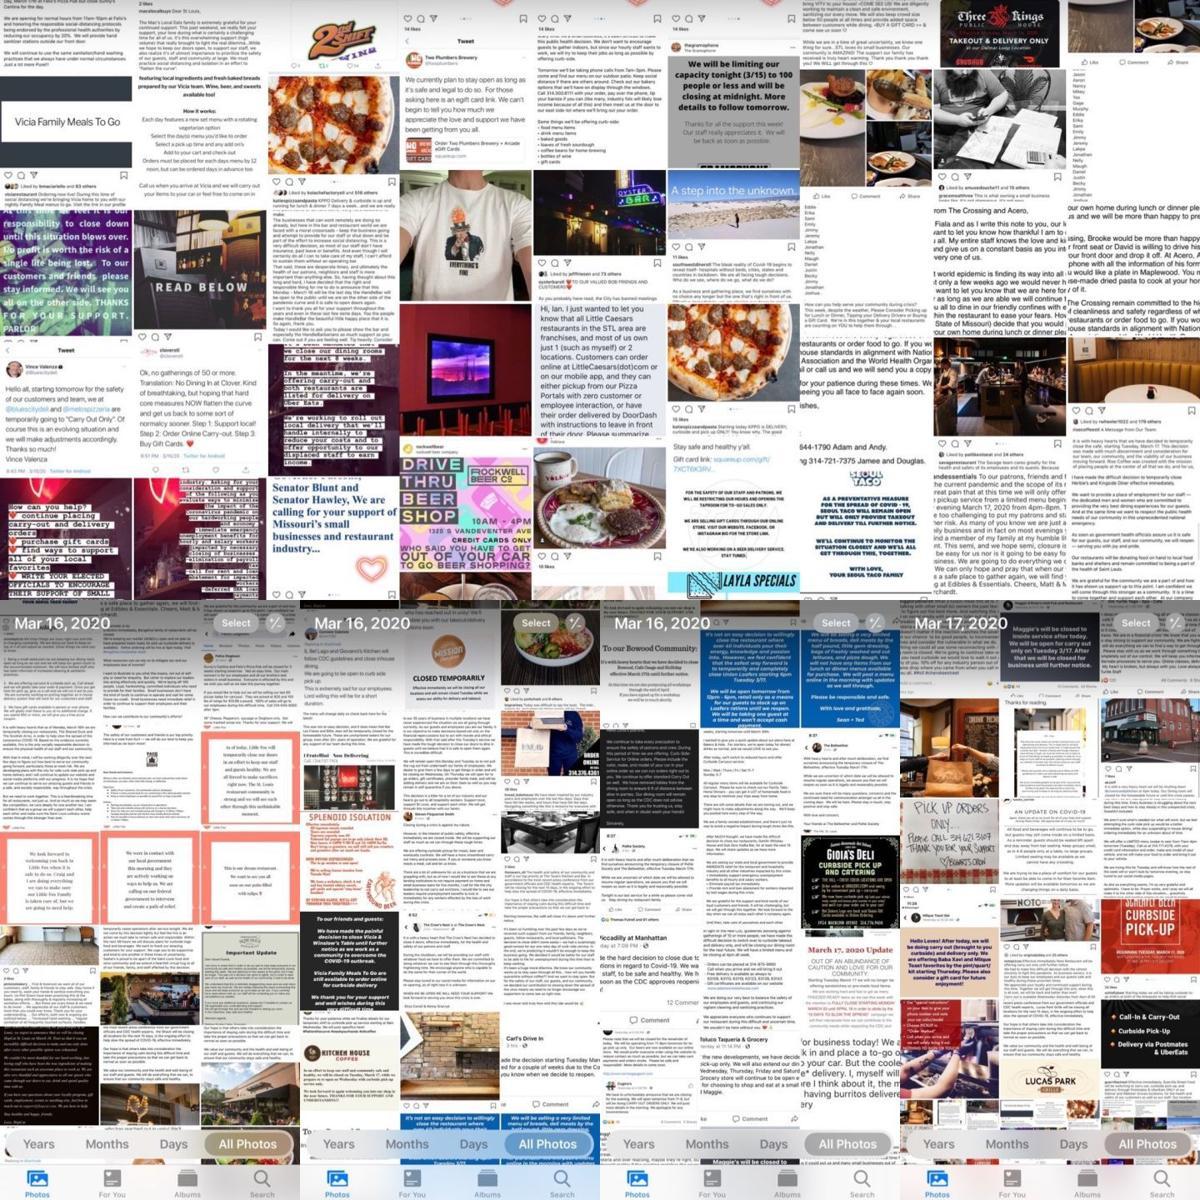 restaurant news collage